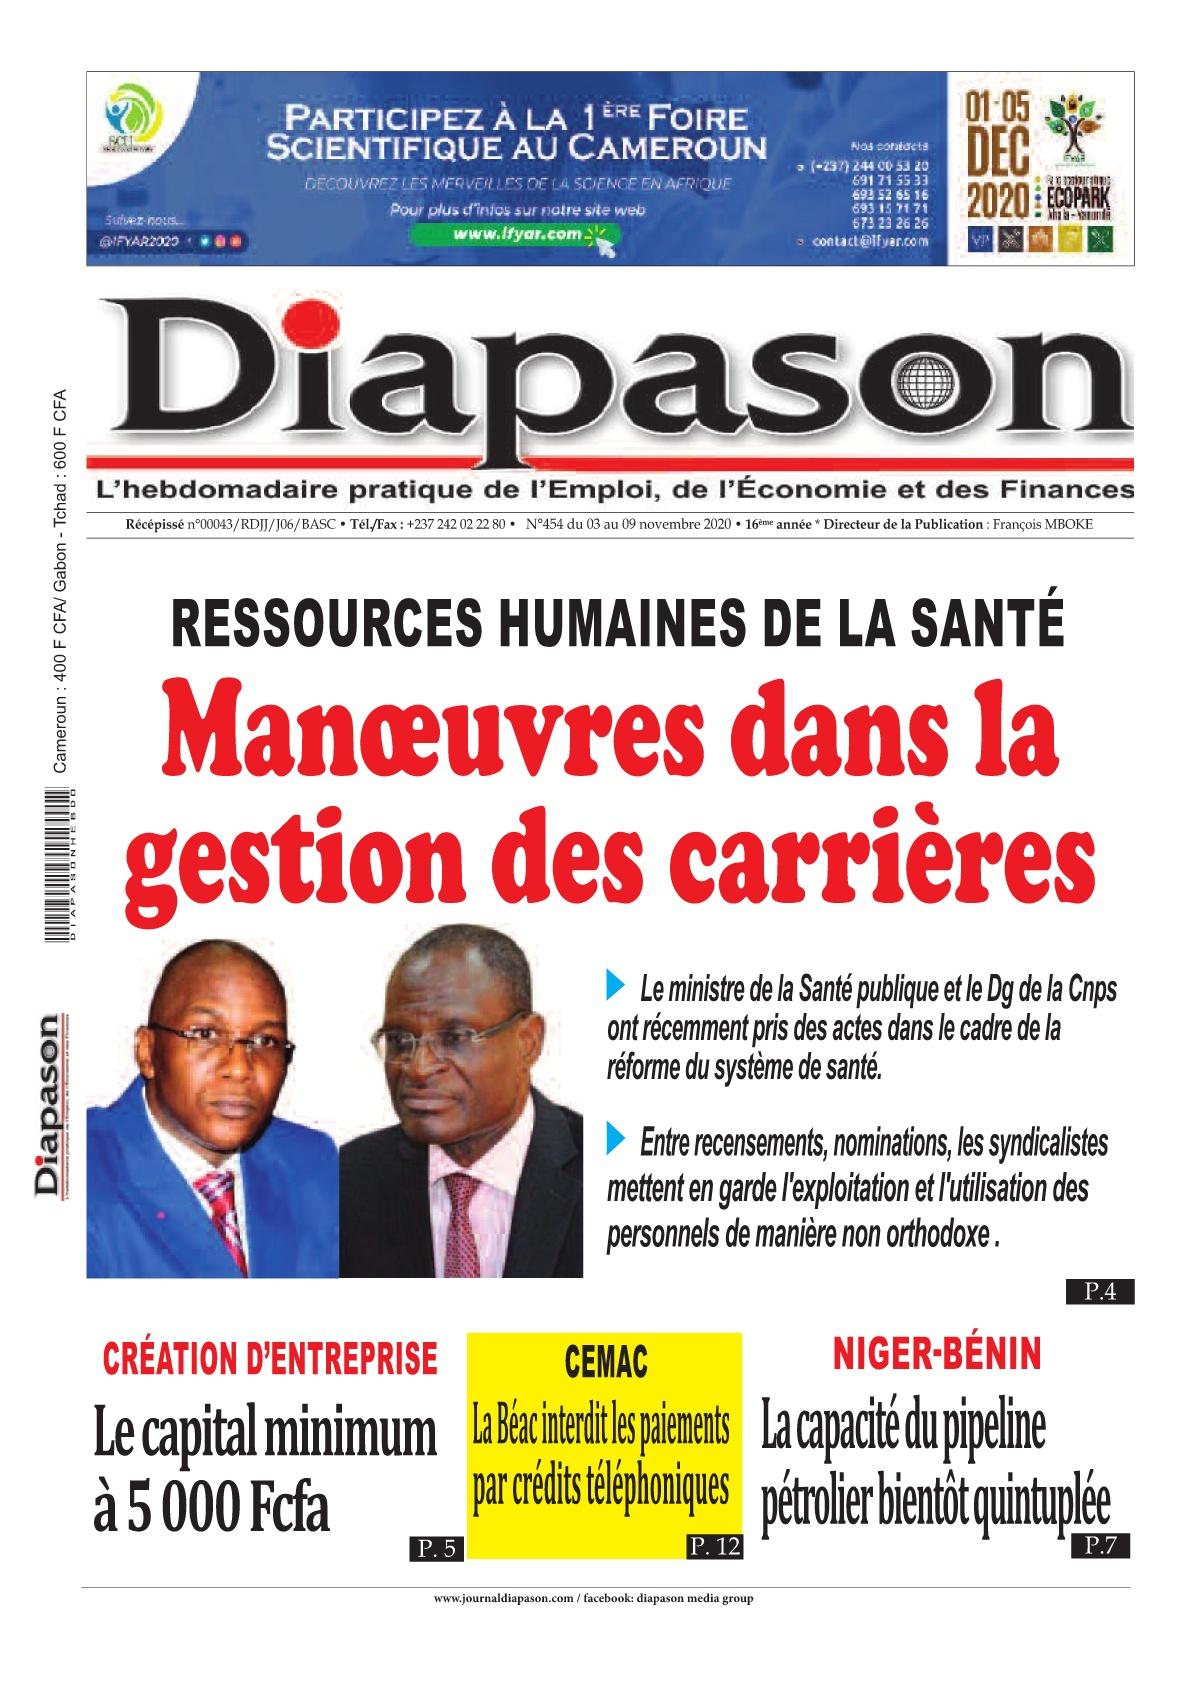 Diapason - 03/11/2020